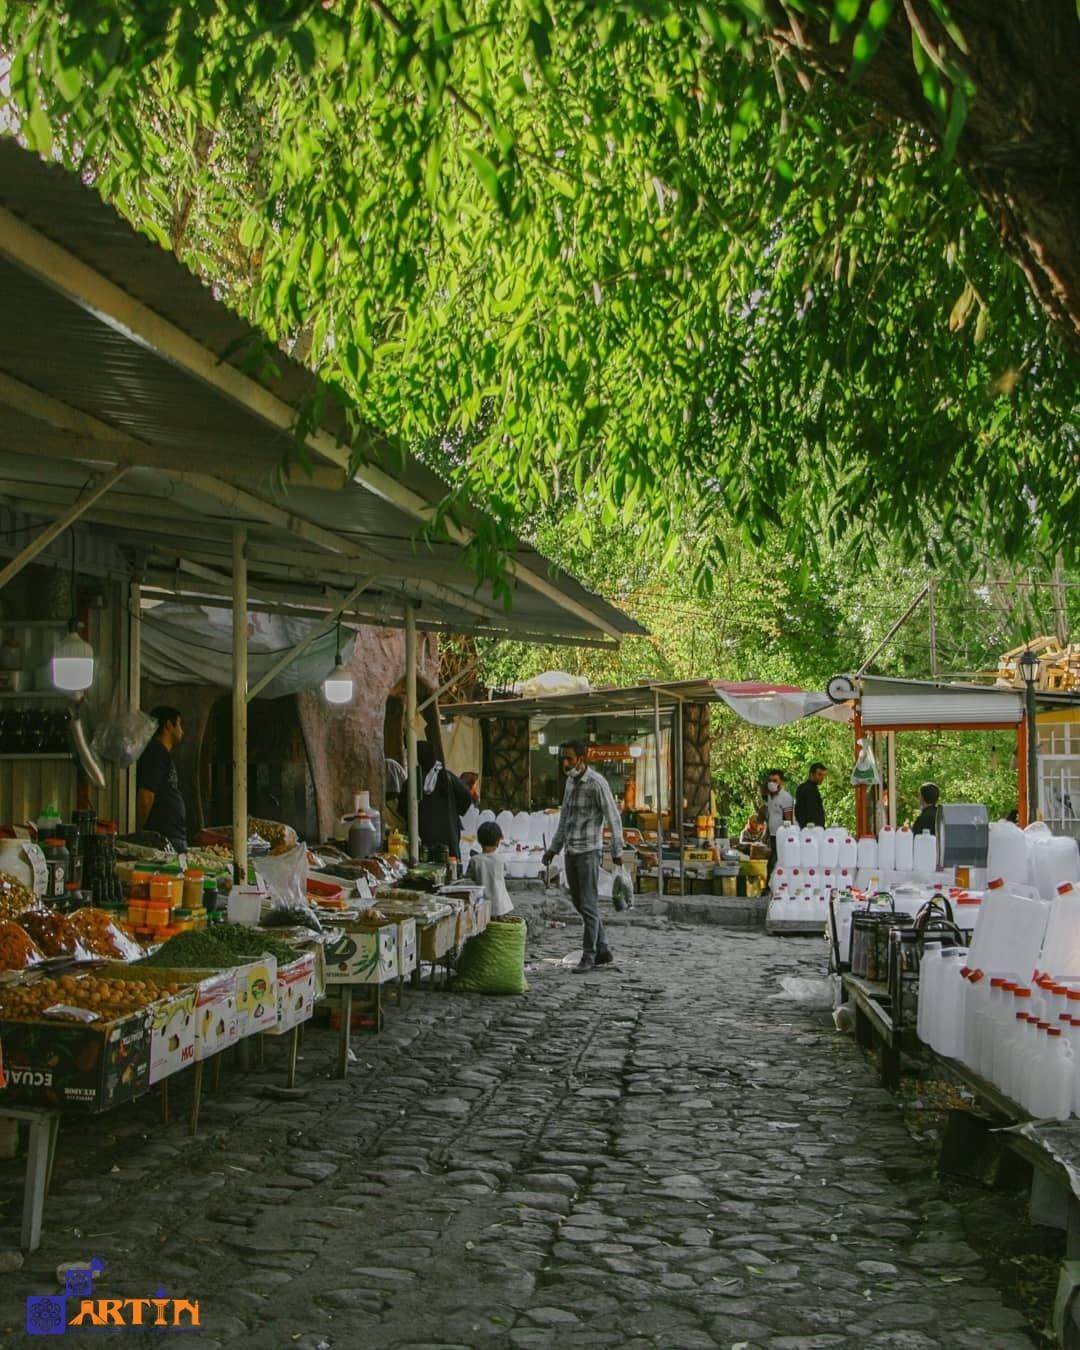 kandovan touristi attraction Iran summer destination